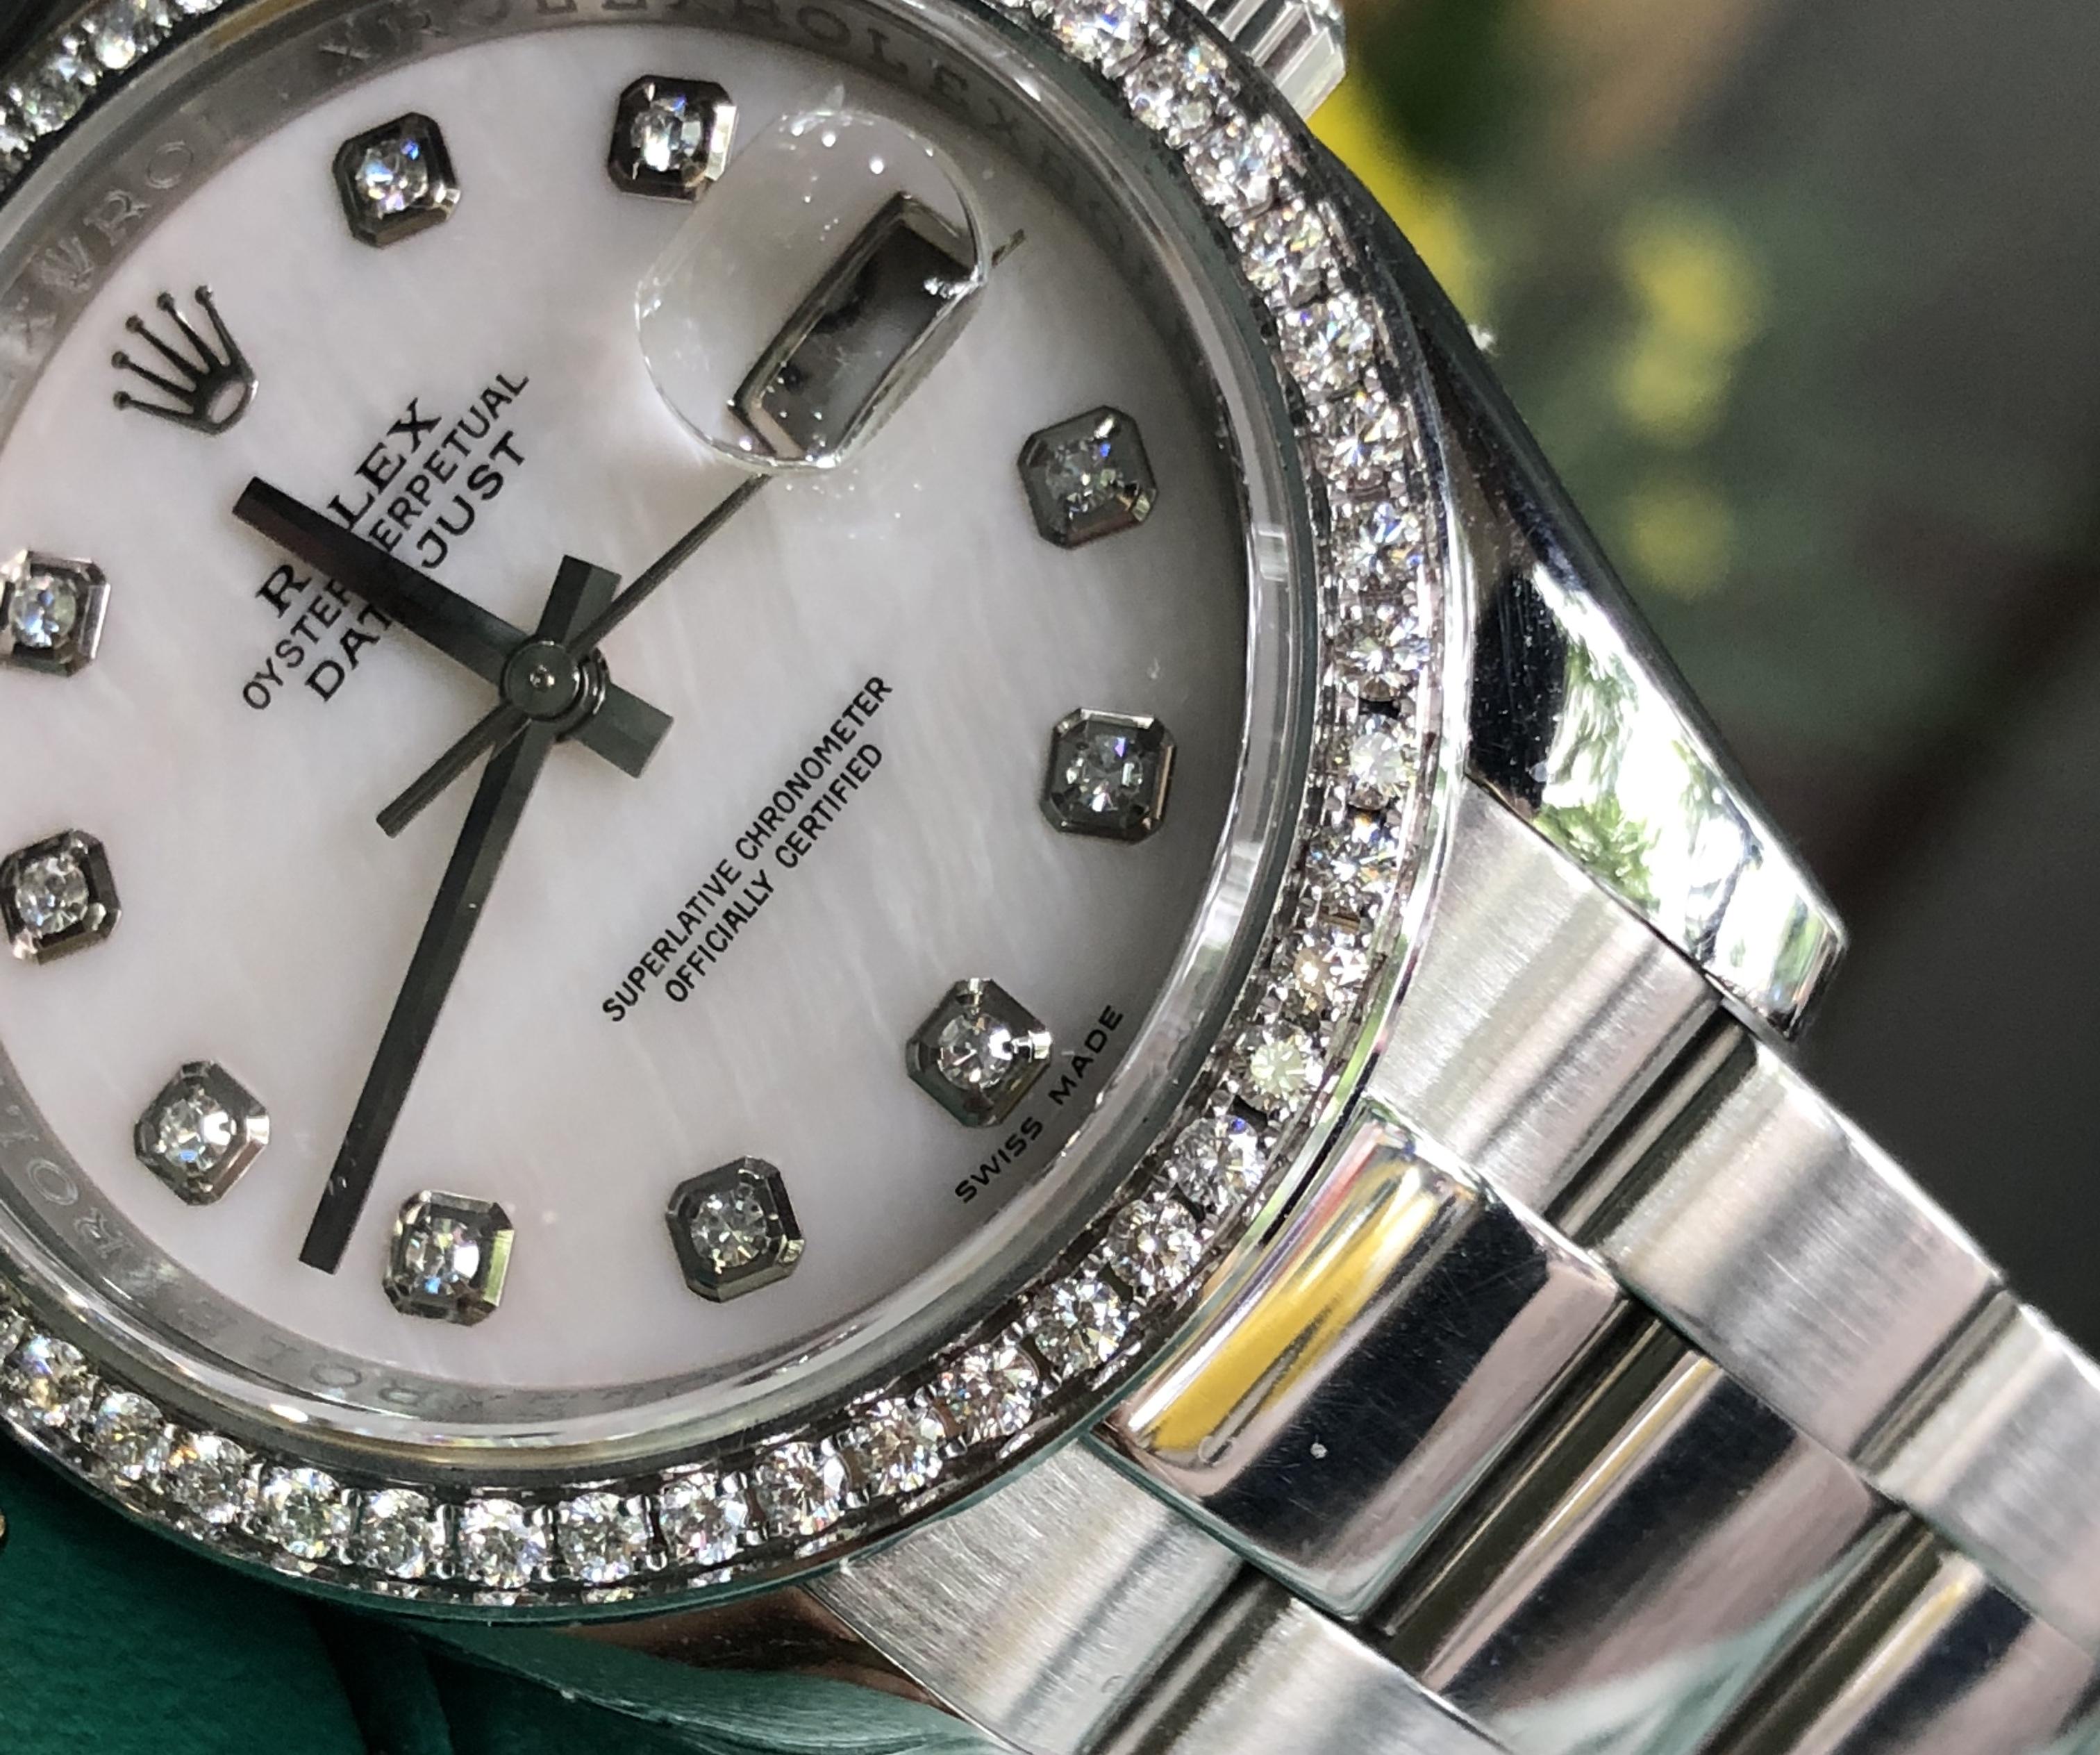 Rolex 116243 mặt đá sodalite trắng độ kim cương đời 2011